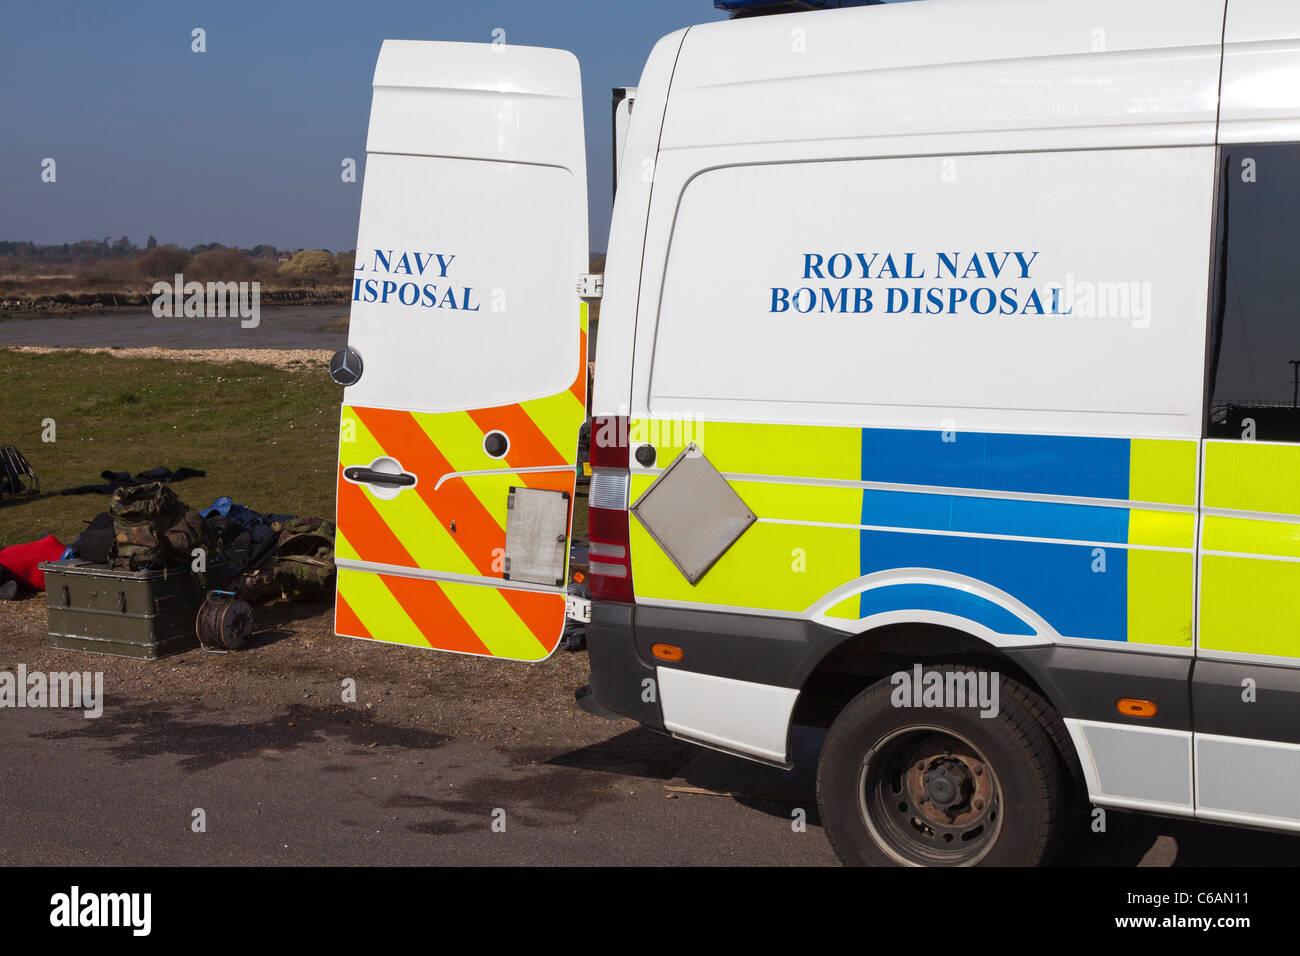 Royal Navy Bombas vehículo furgón difuso de respuesta de emergencia hacer seguro Blow up ejército profesional capacitado Foto de stock